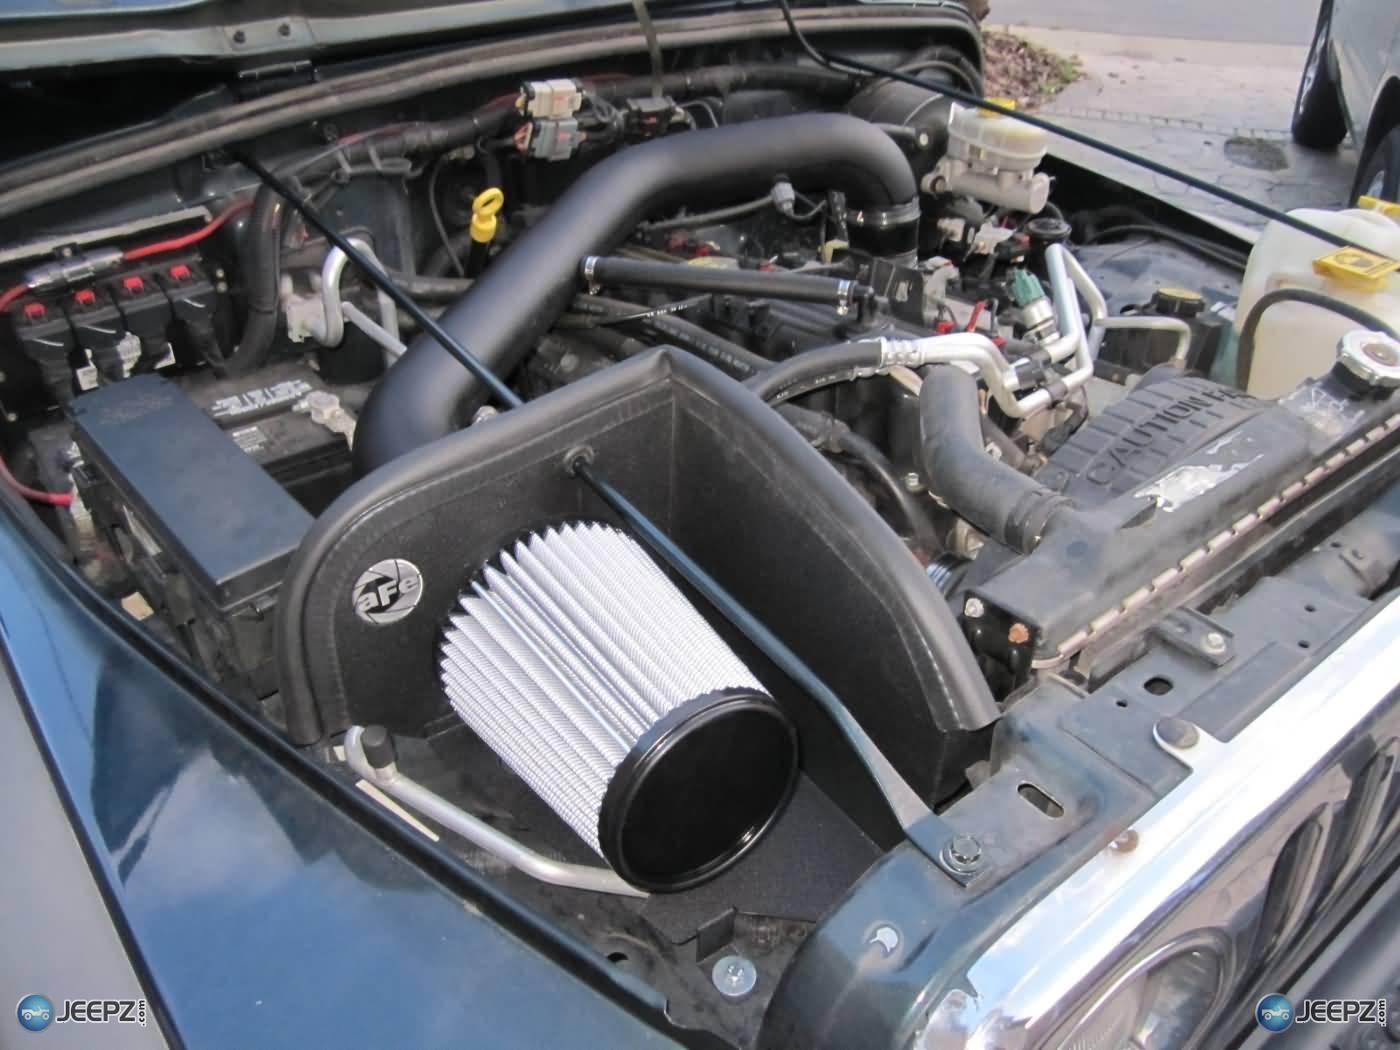 Troca do filtro de ar do Nissan March com motor 1.6 HR16DE com duto MEX/BR. 10092d1318252223-banks-air-ram-5733d1282438694-install-cold-air-intake-jeep-wrangler-tj-18-install-jeep-intake-filter